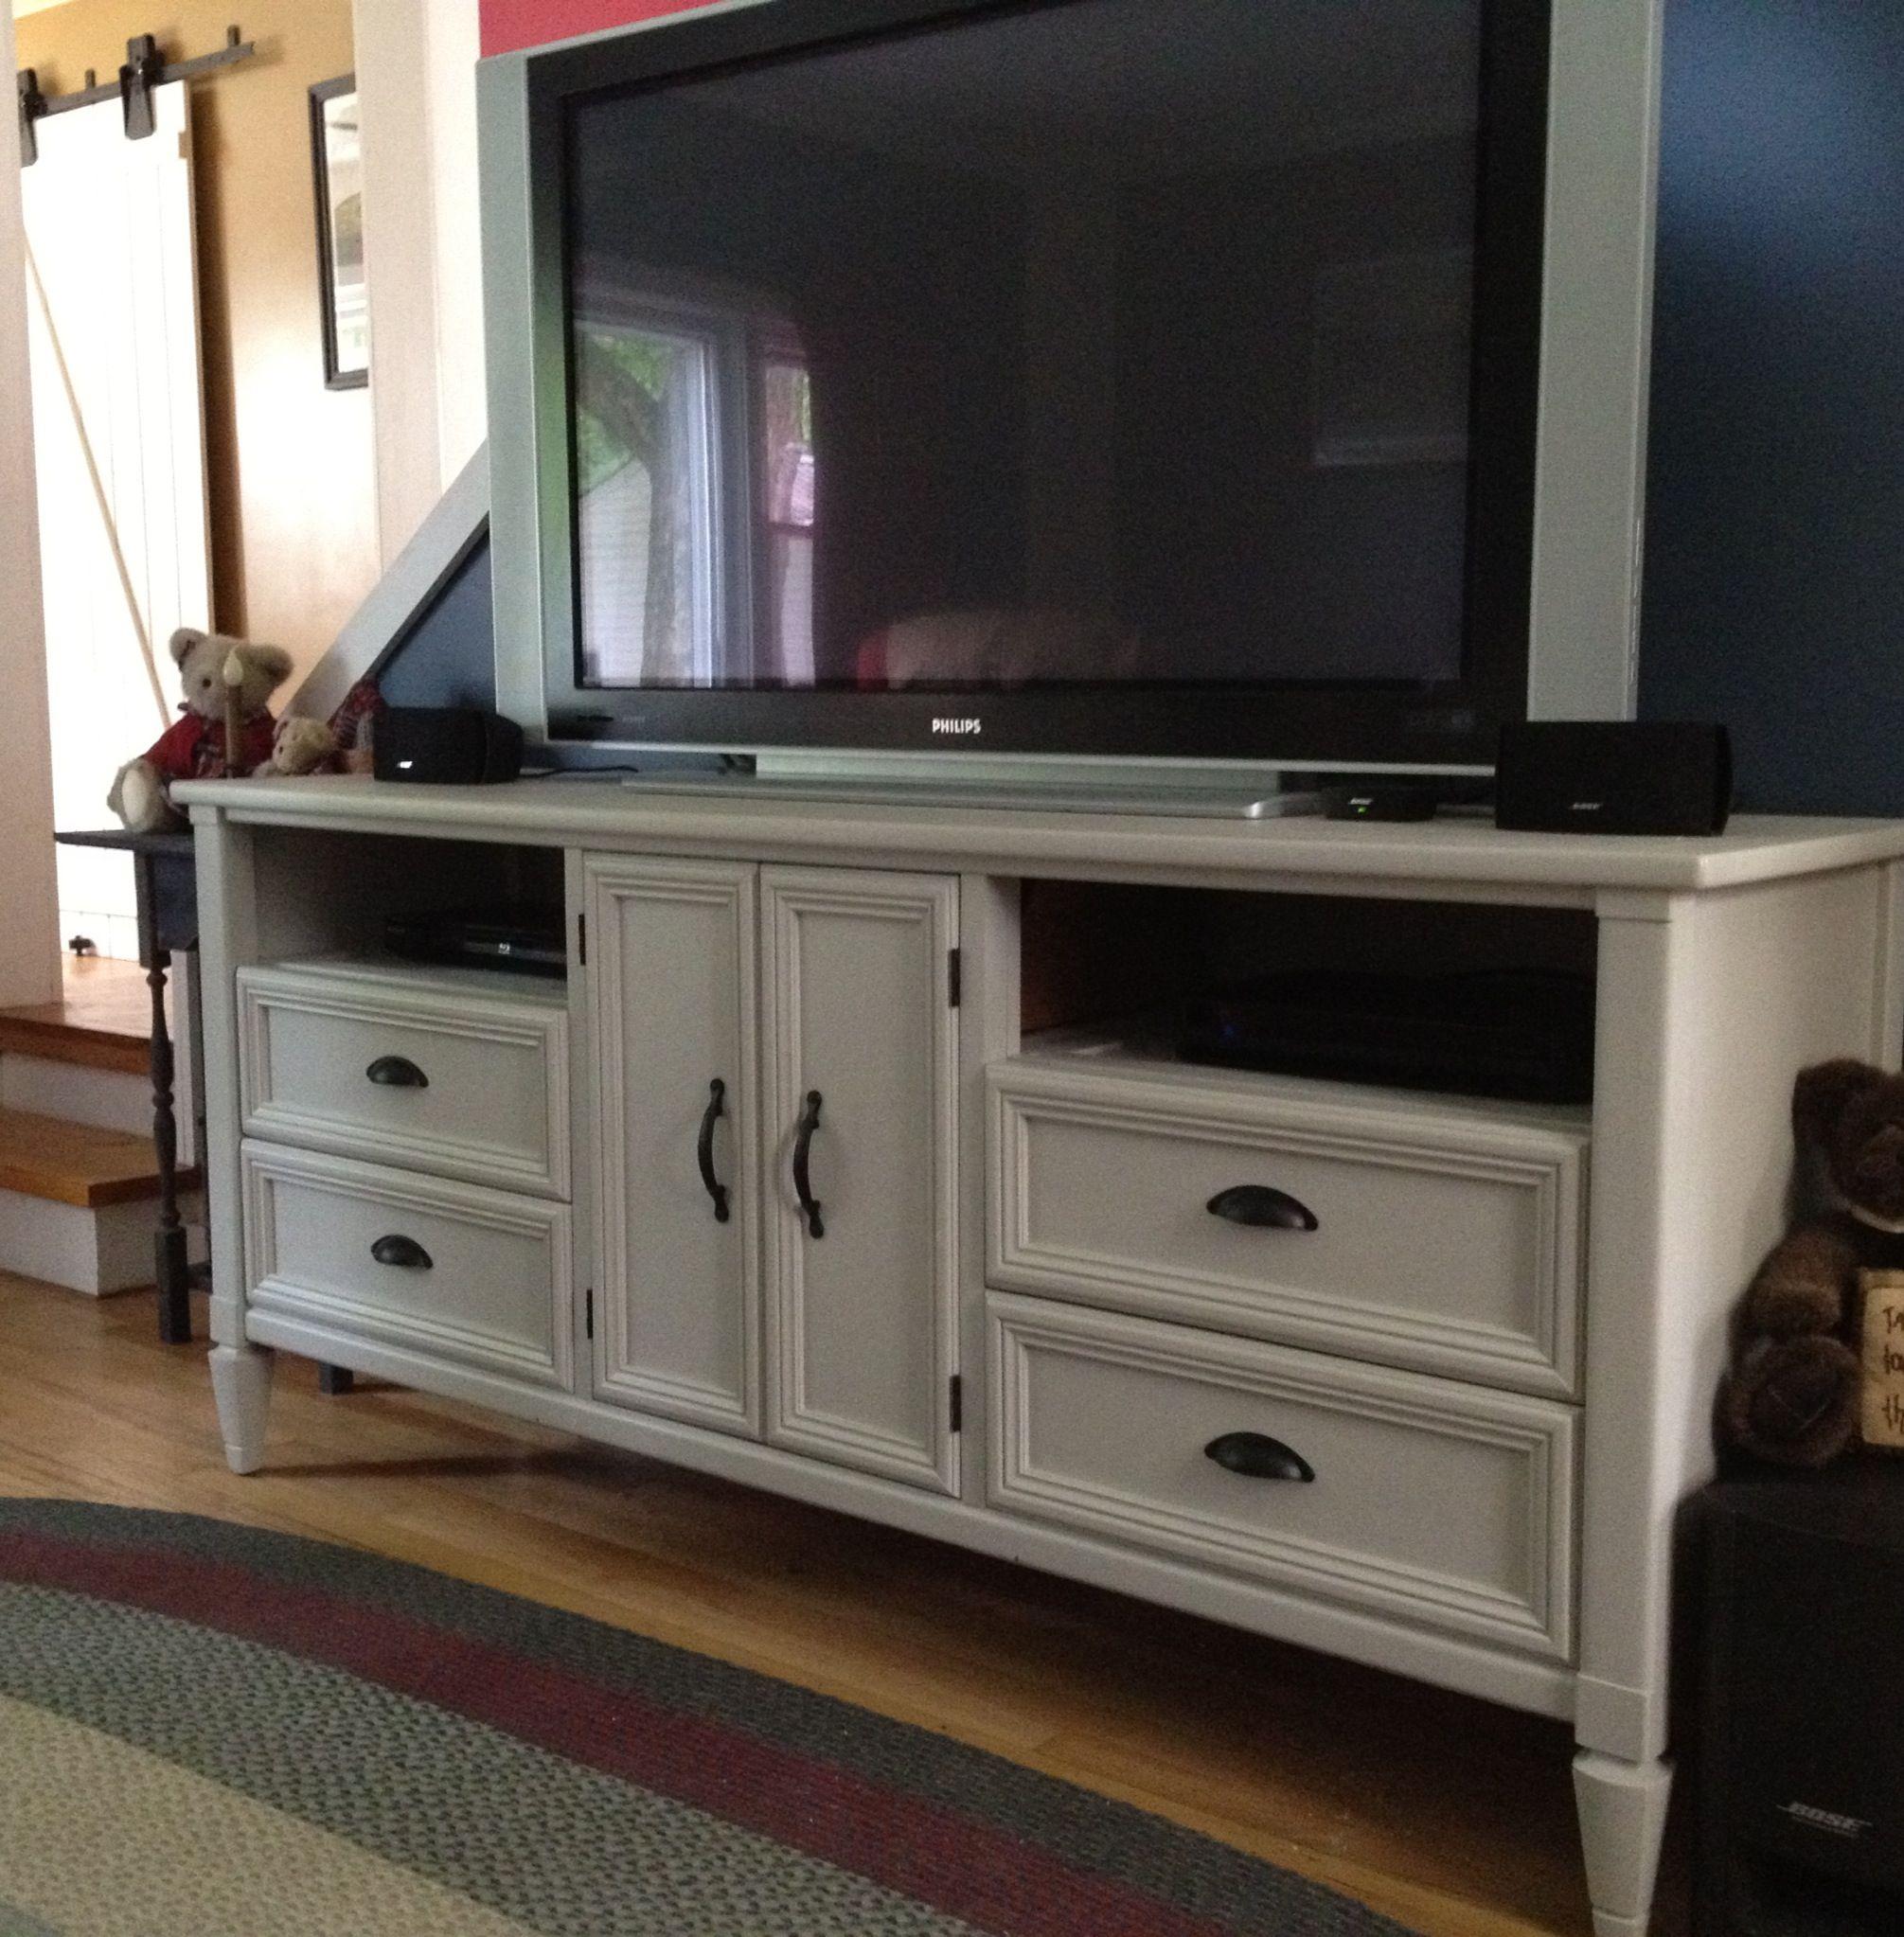 Dresser turned TV Stand. 45 Craigslist dresser, 20 in